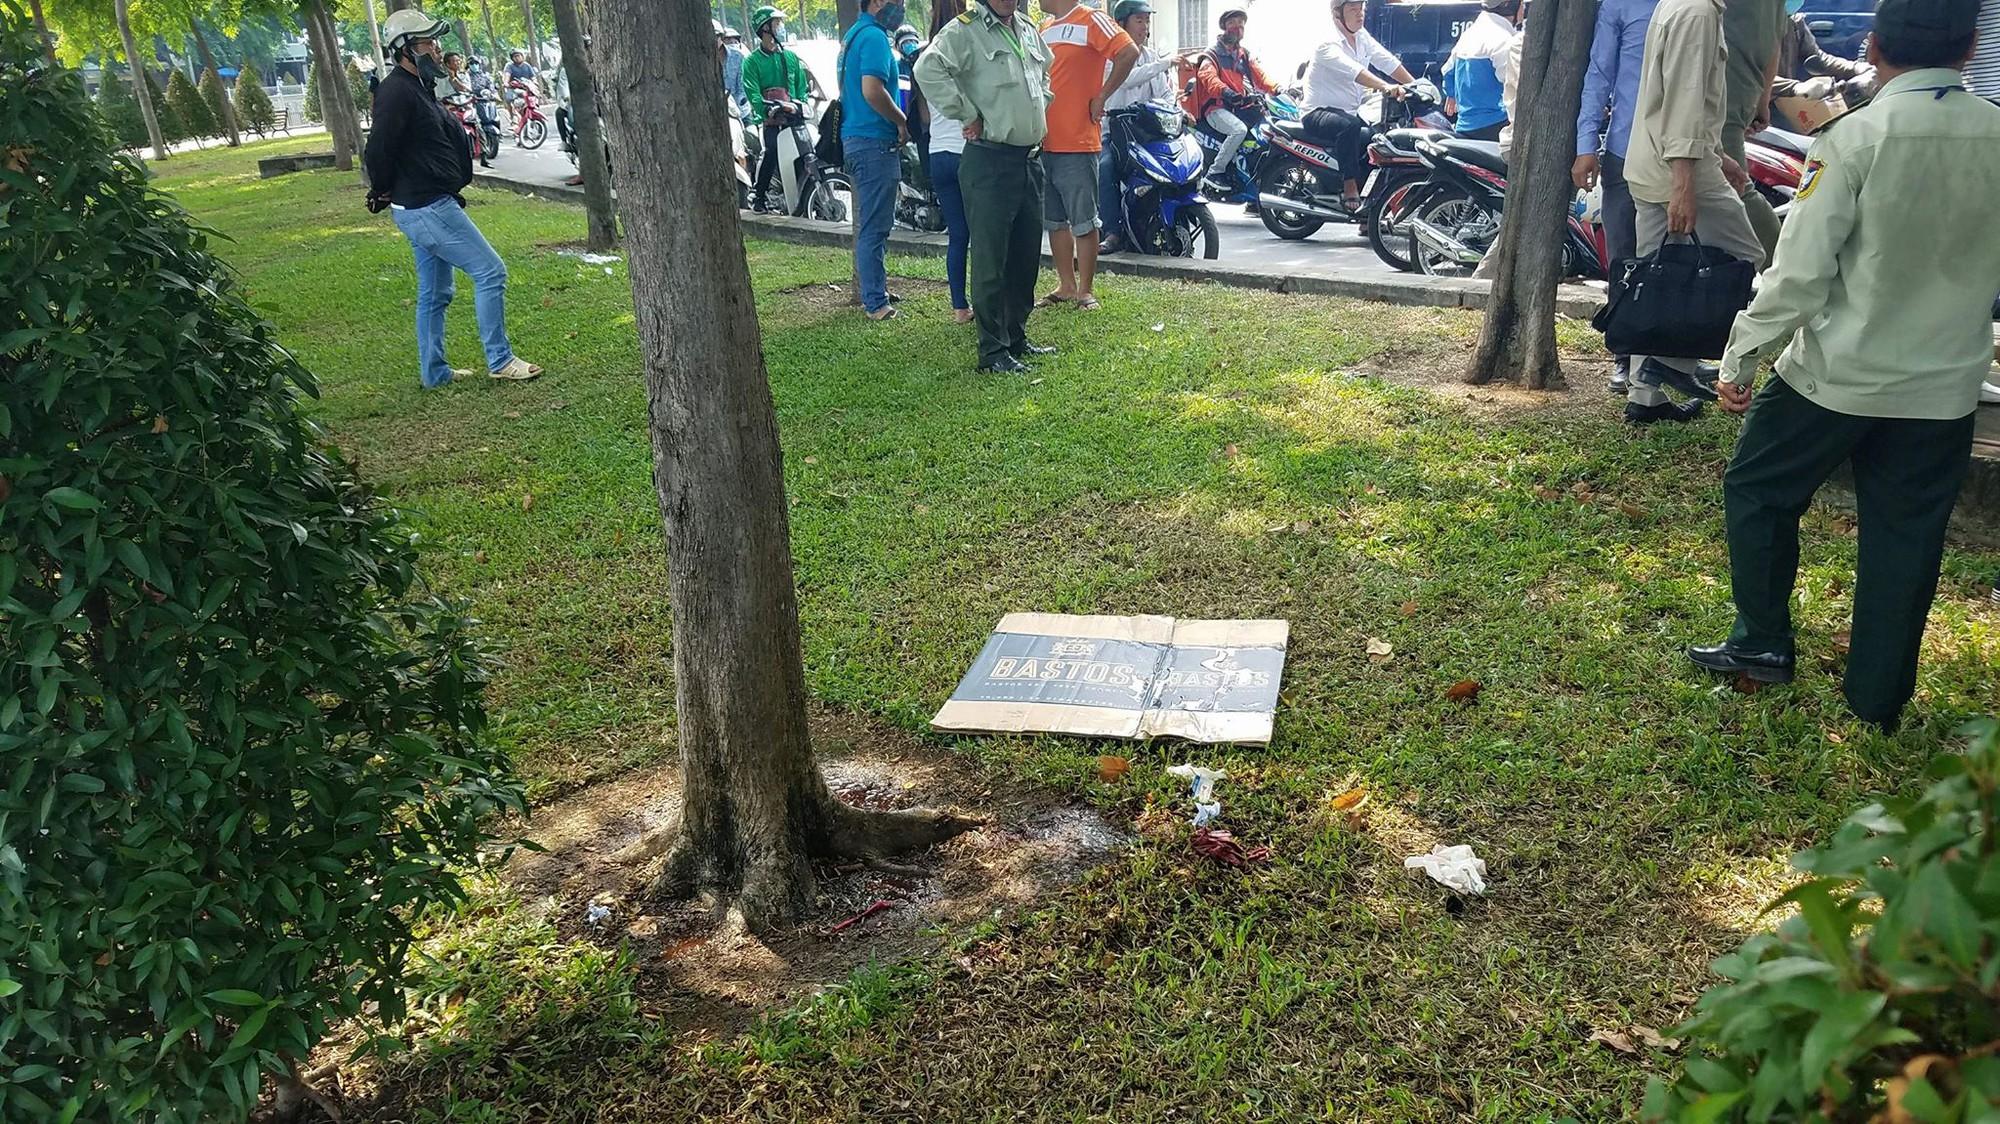 Cô giáo trường THPT Võ Thị Sáu nghi bị nam đồng nghiệp sát hại giữa đường phố Sài Gòn - Ảnh 1.